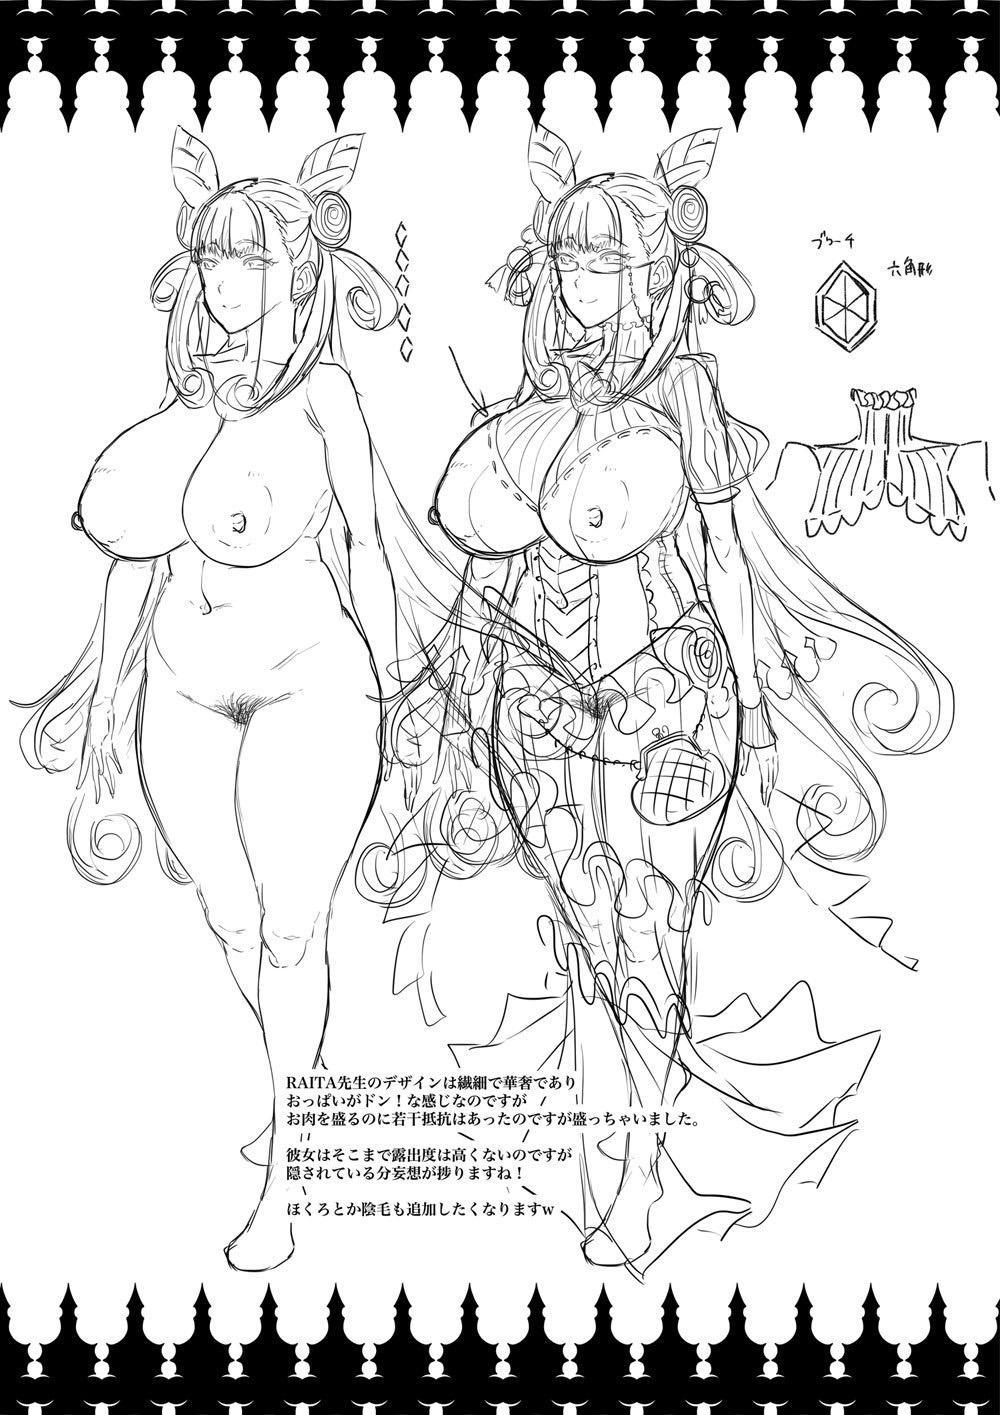 Murasaki Shikibu no Miminame Tekoki Chikubizeme ni Taeraretara Nama Sex Dekiru Hon 25